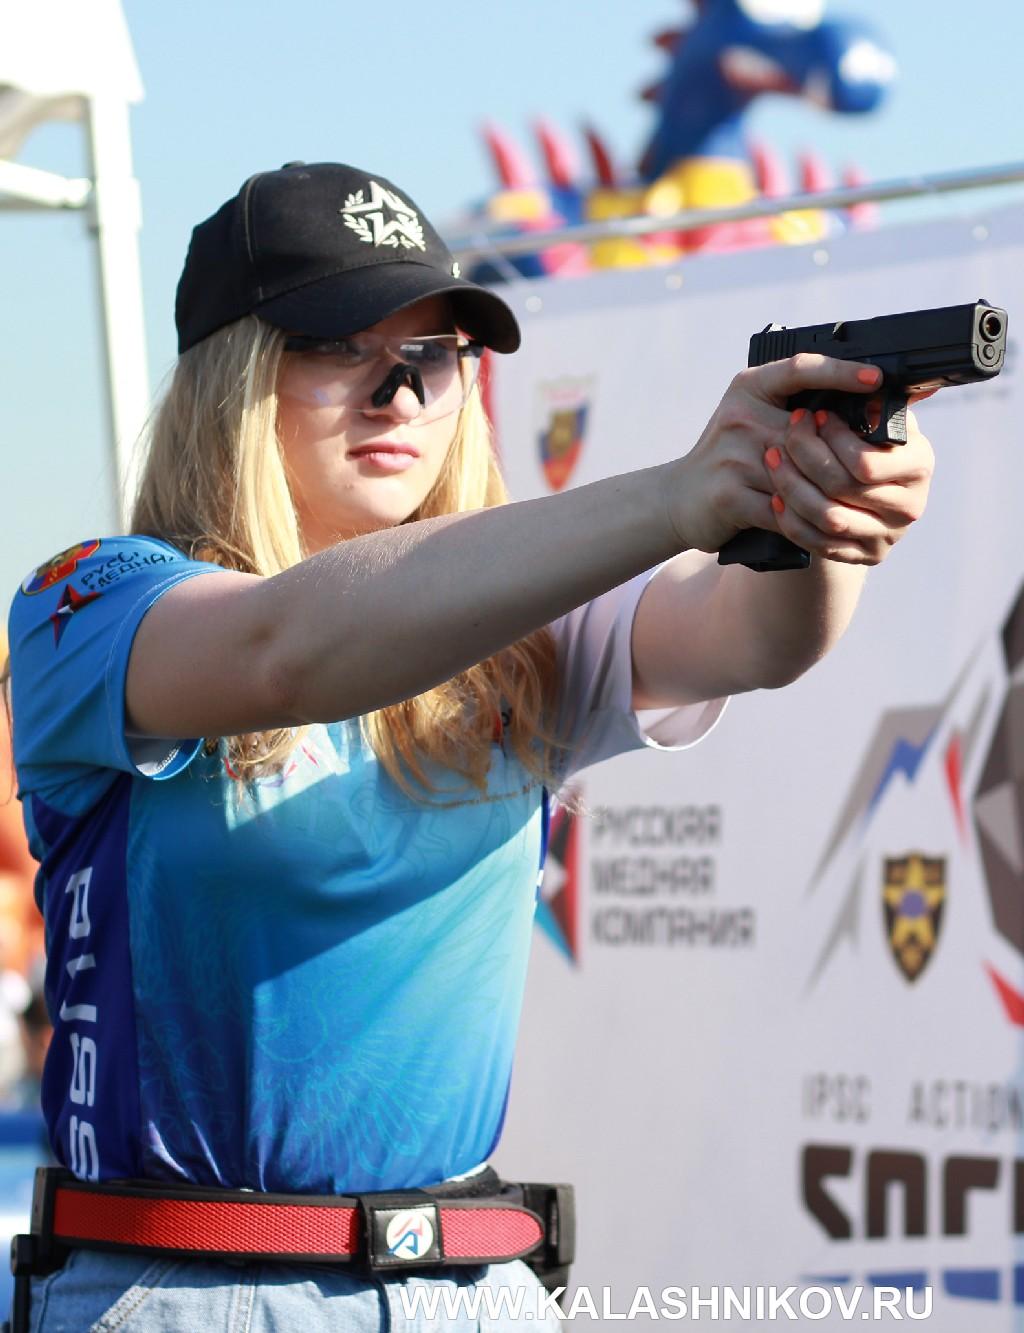 Стрелок Action-air Алина Мокроусова на презентации Чемпионата мира на авиасалоне МАКС